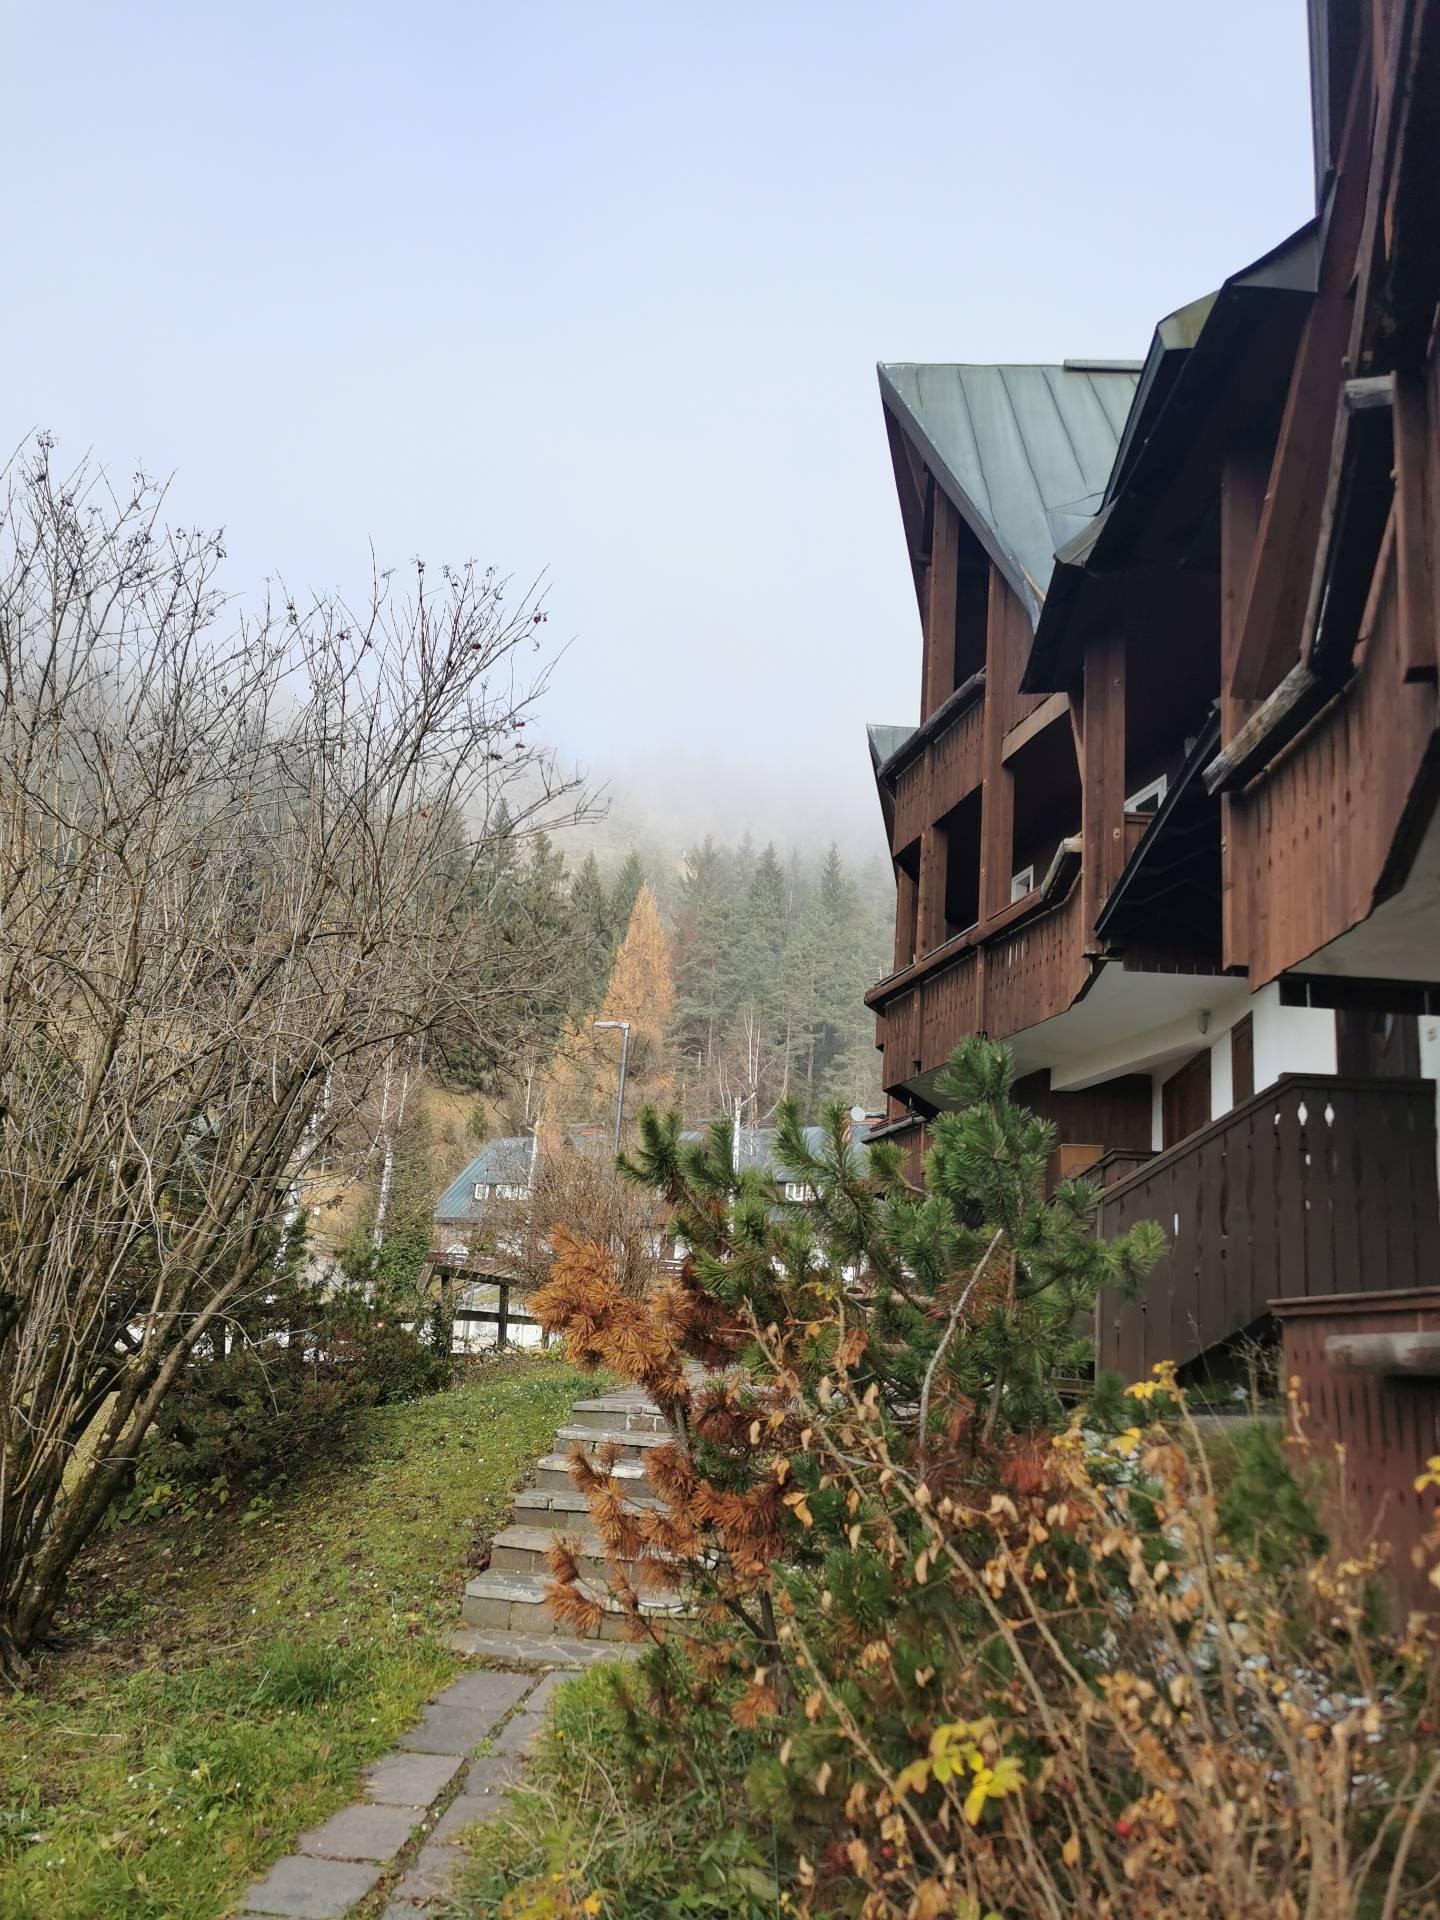 Appartamento in vendita a Tarvisio, 4 locali, zona orosso, prezzo € 130.000 | PortaleAgenzieImmobiliari.it